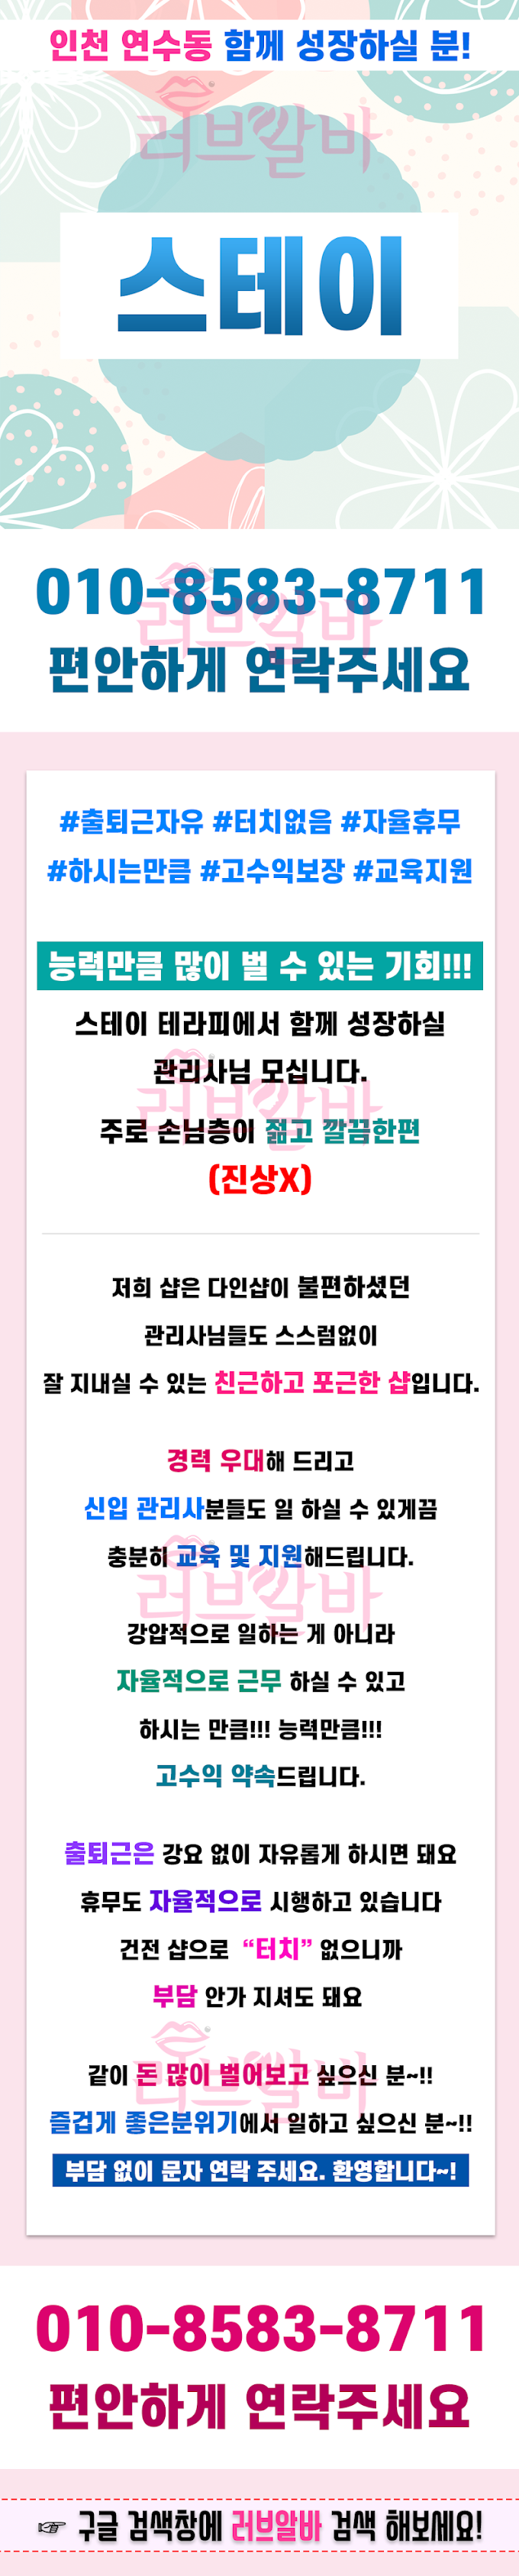 [인천 연수동] 초건전샵 스테이 테라피에서 함께 성장하실 관리사님 모셔요~♥